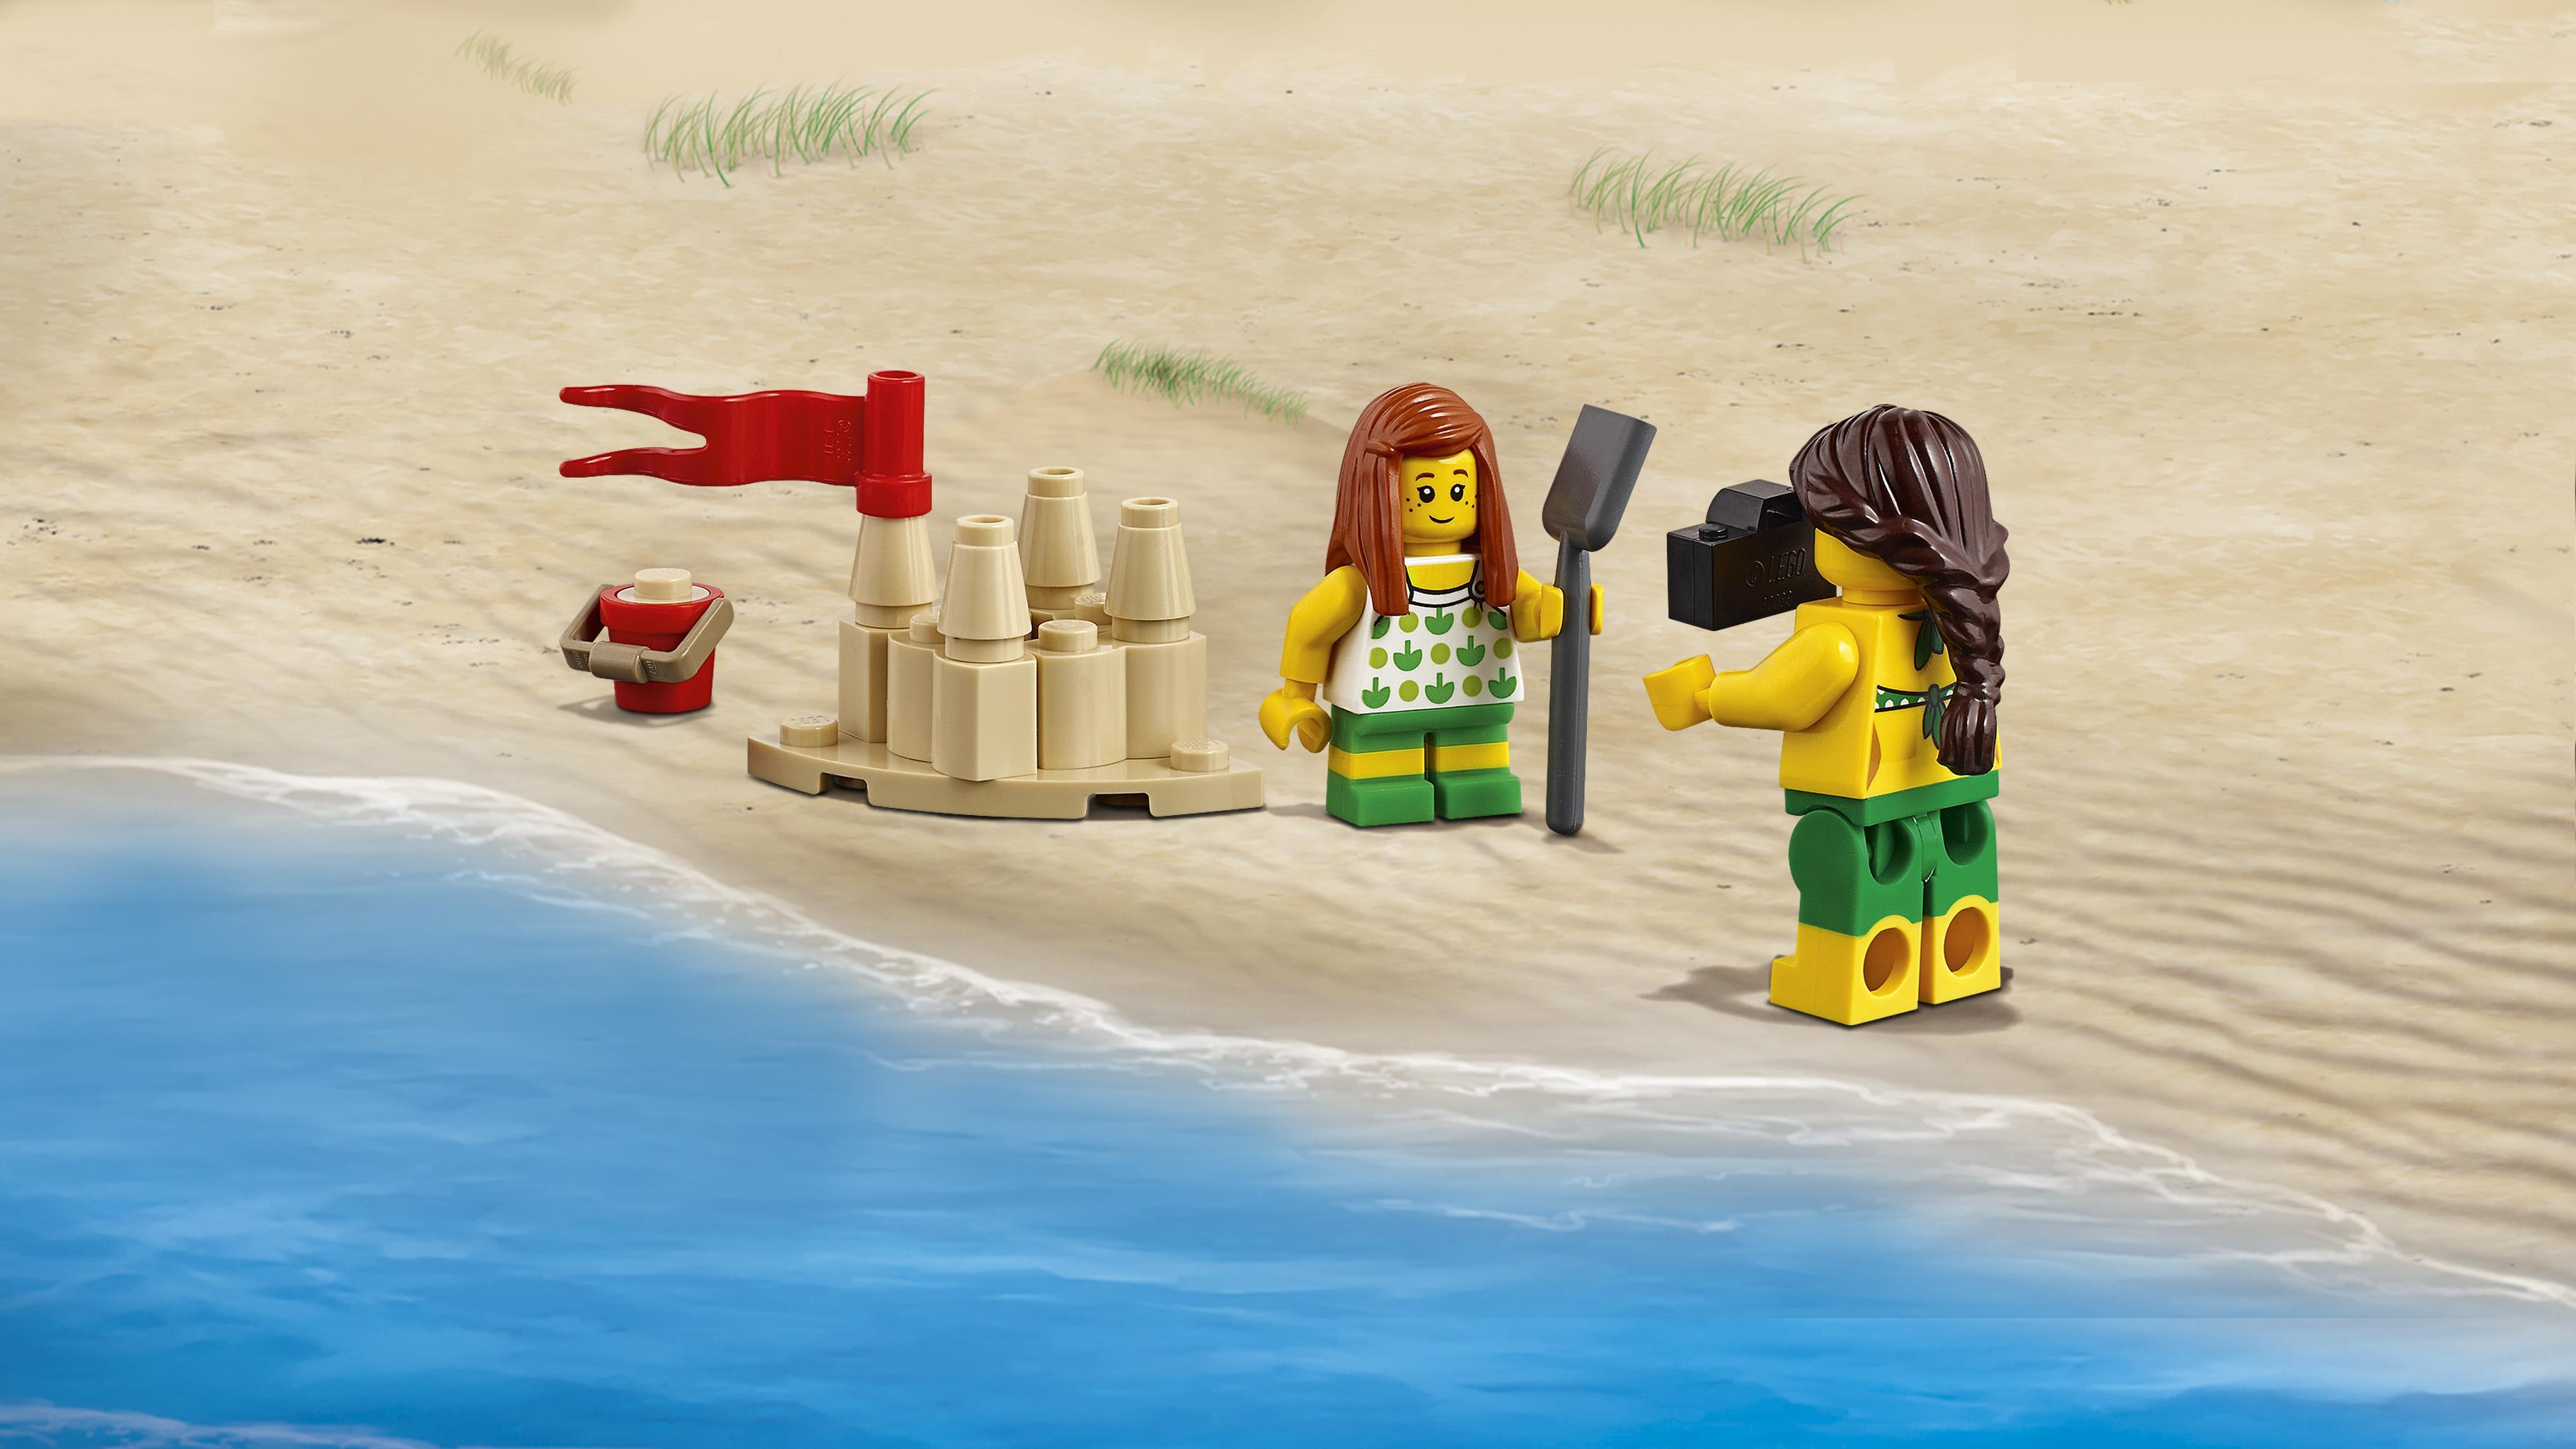 LEGO City Town - Pack de MiniFiguras Diversión en la Playa